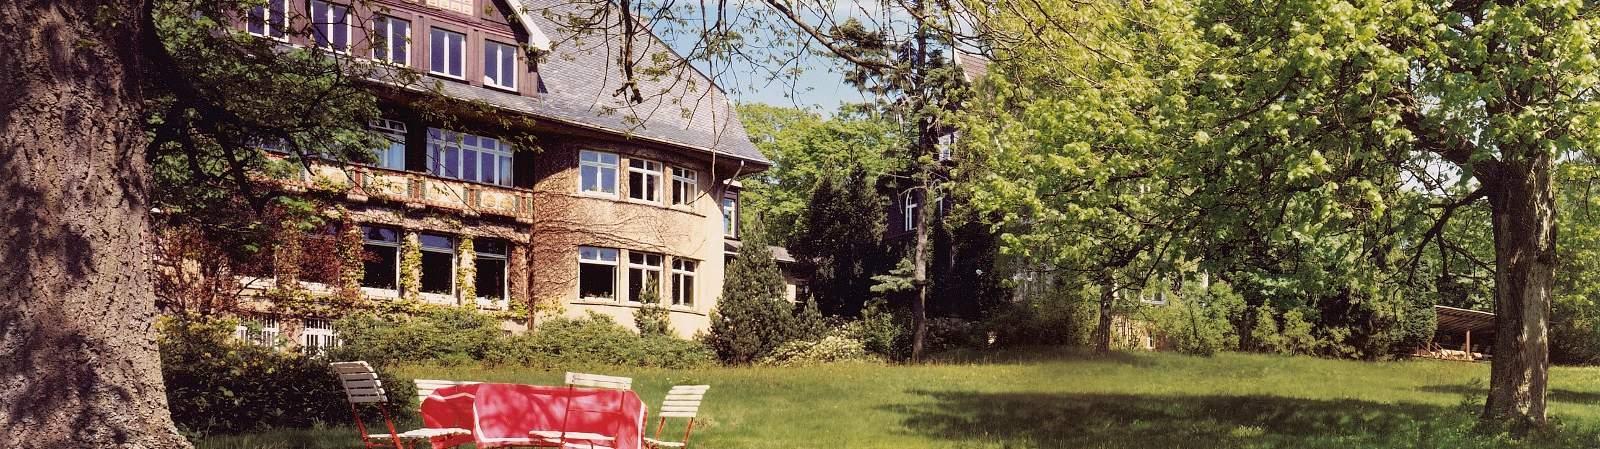 Psychosomatisches Krankenhaus und Sanatorium Dr. Barner